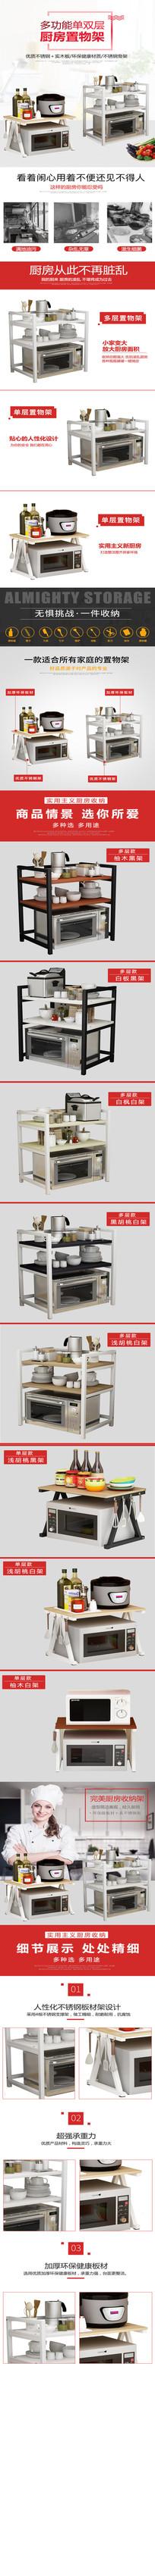 厨房置物架详情页